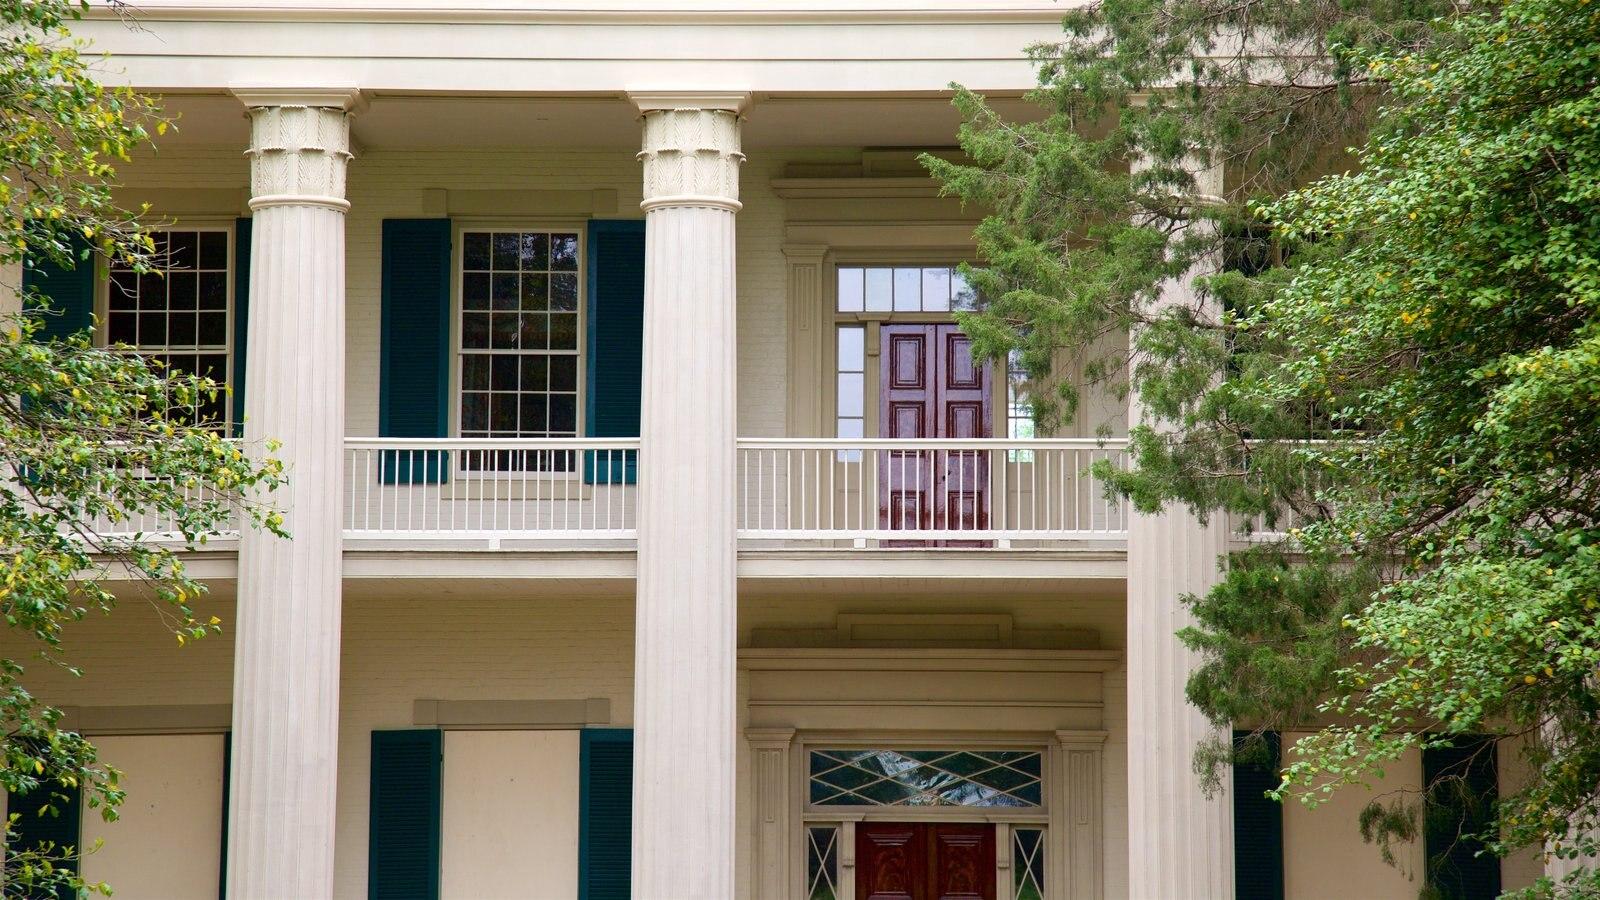 The Hermitage que incluye una casa y elementos del patrimonio